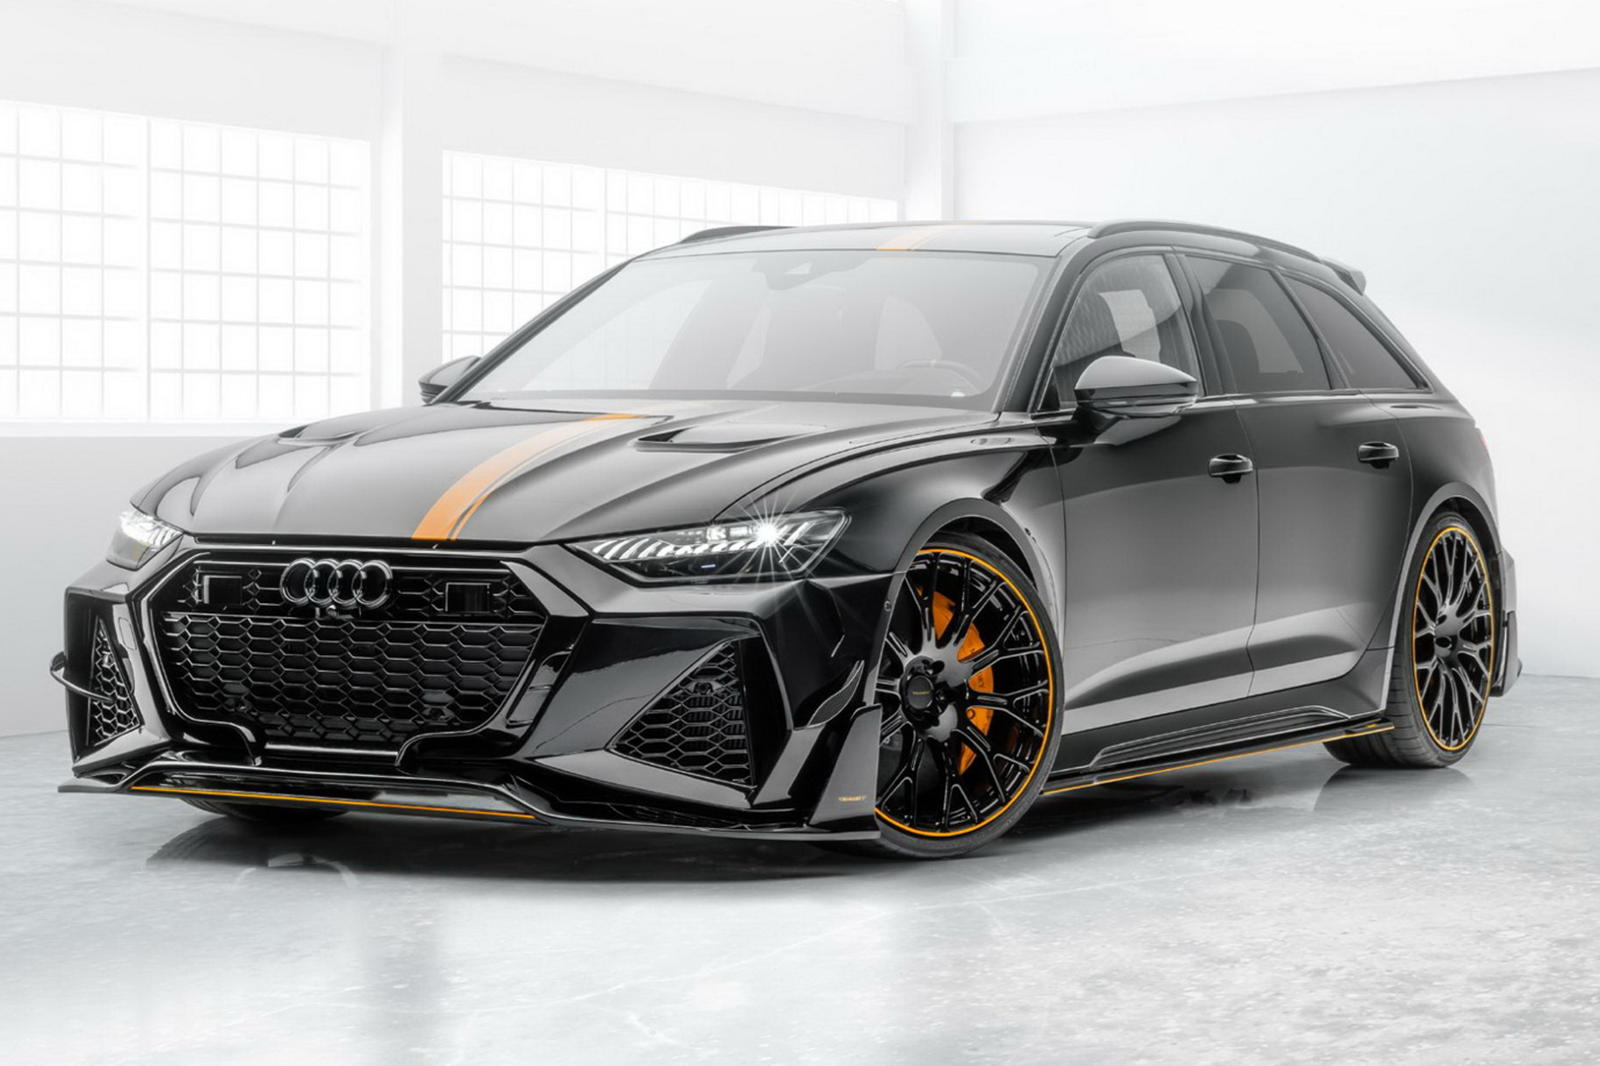 Kekurangan Audi Rs6 Avant Perbandingan Harga